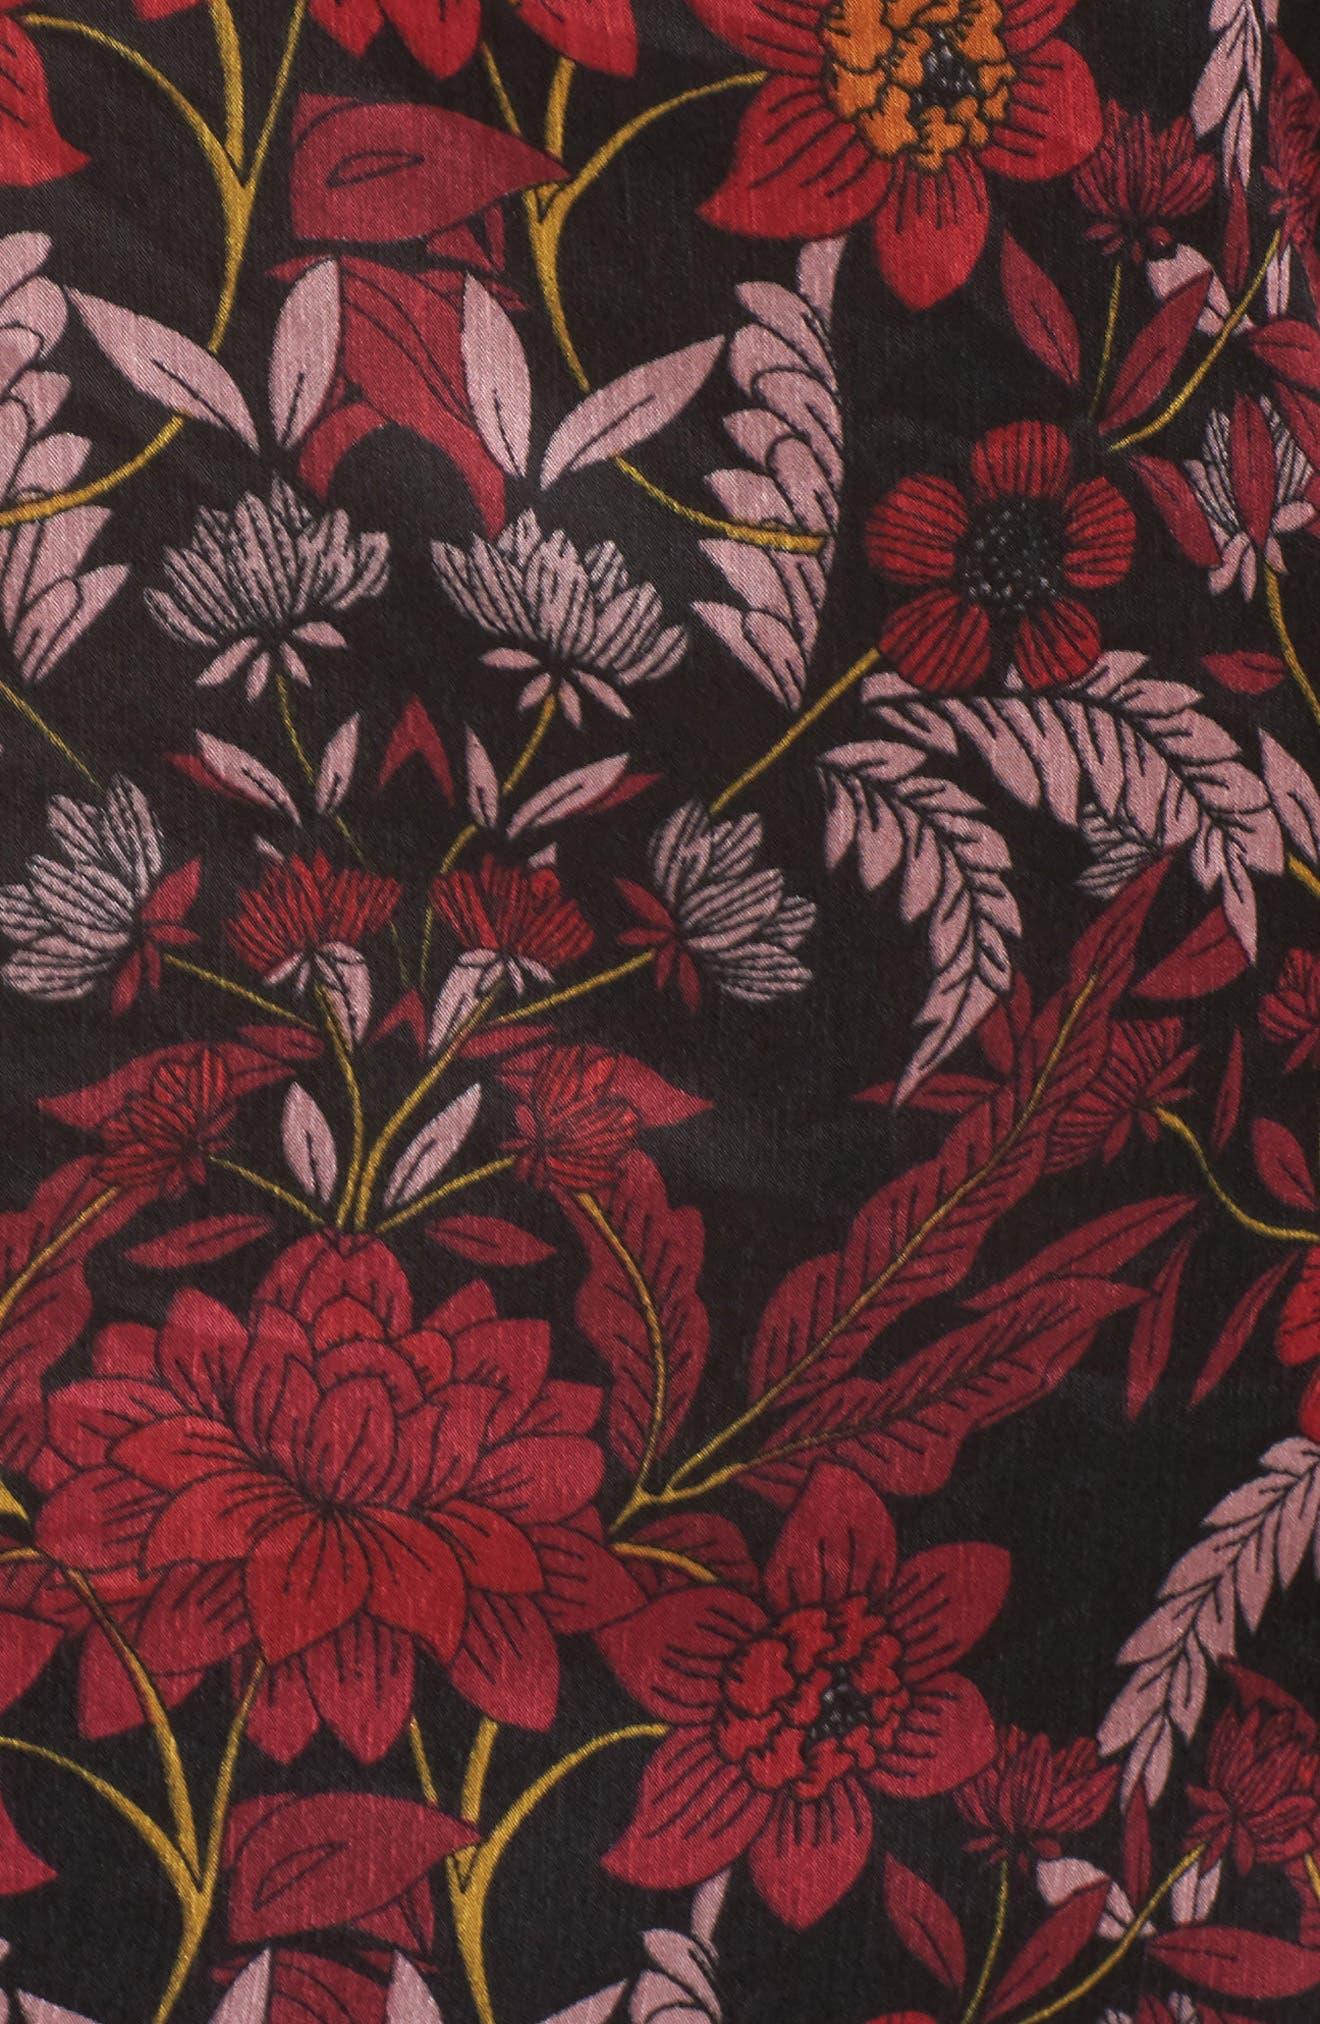 Floral Tie-Neck Blouse,                             Alternate thumbnail 5, color,                             930